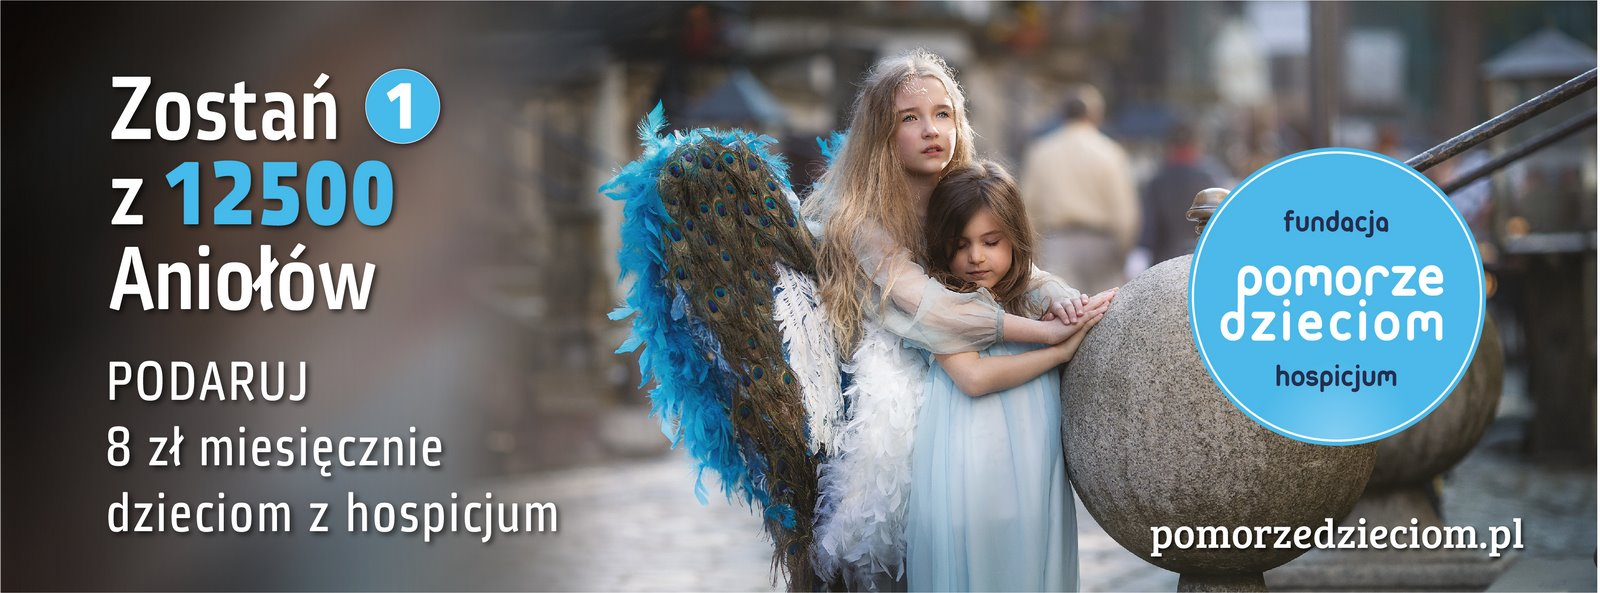 Zostań Aniołem!